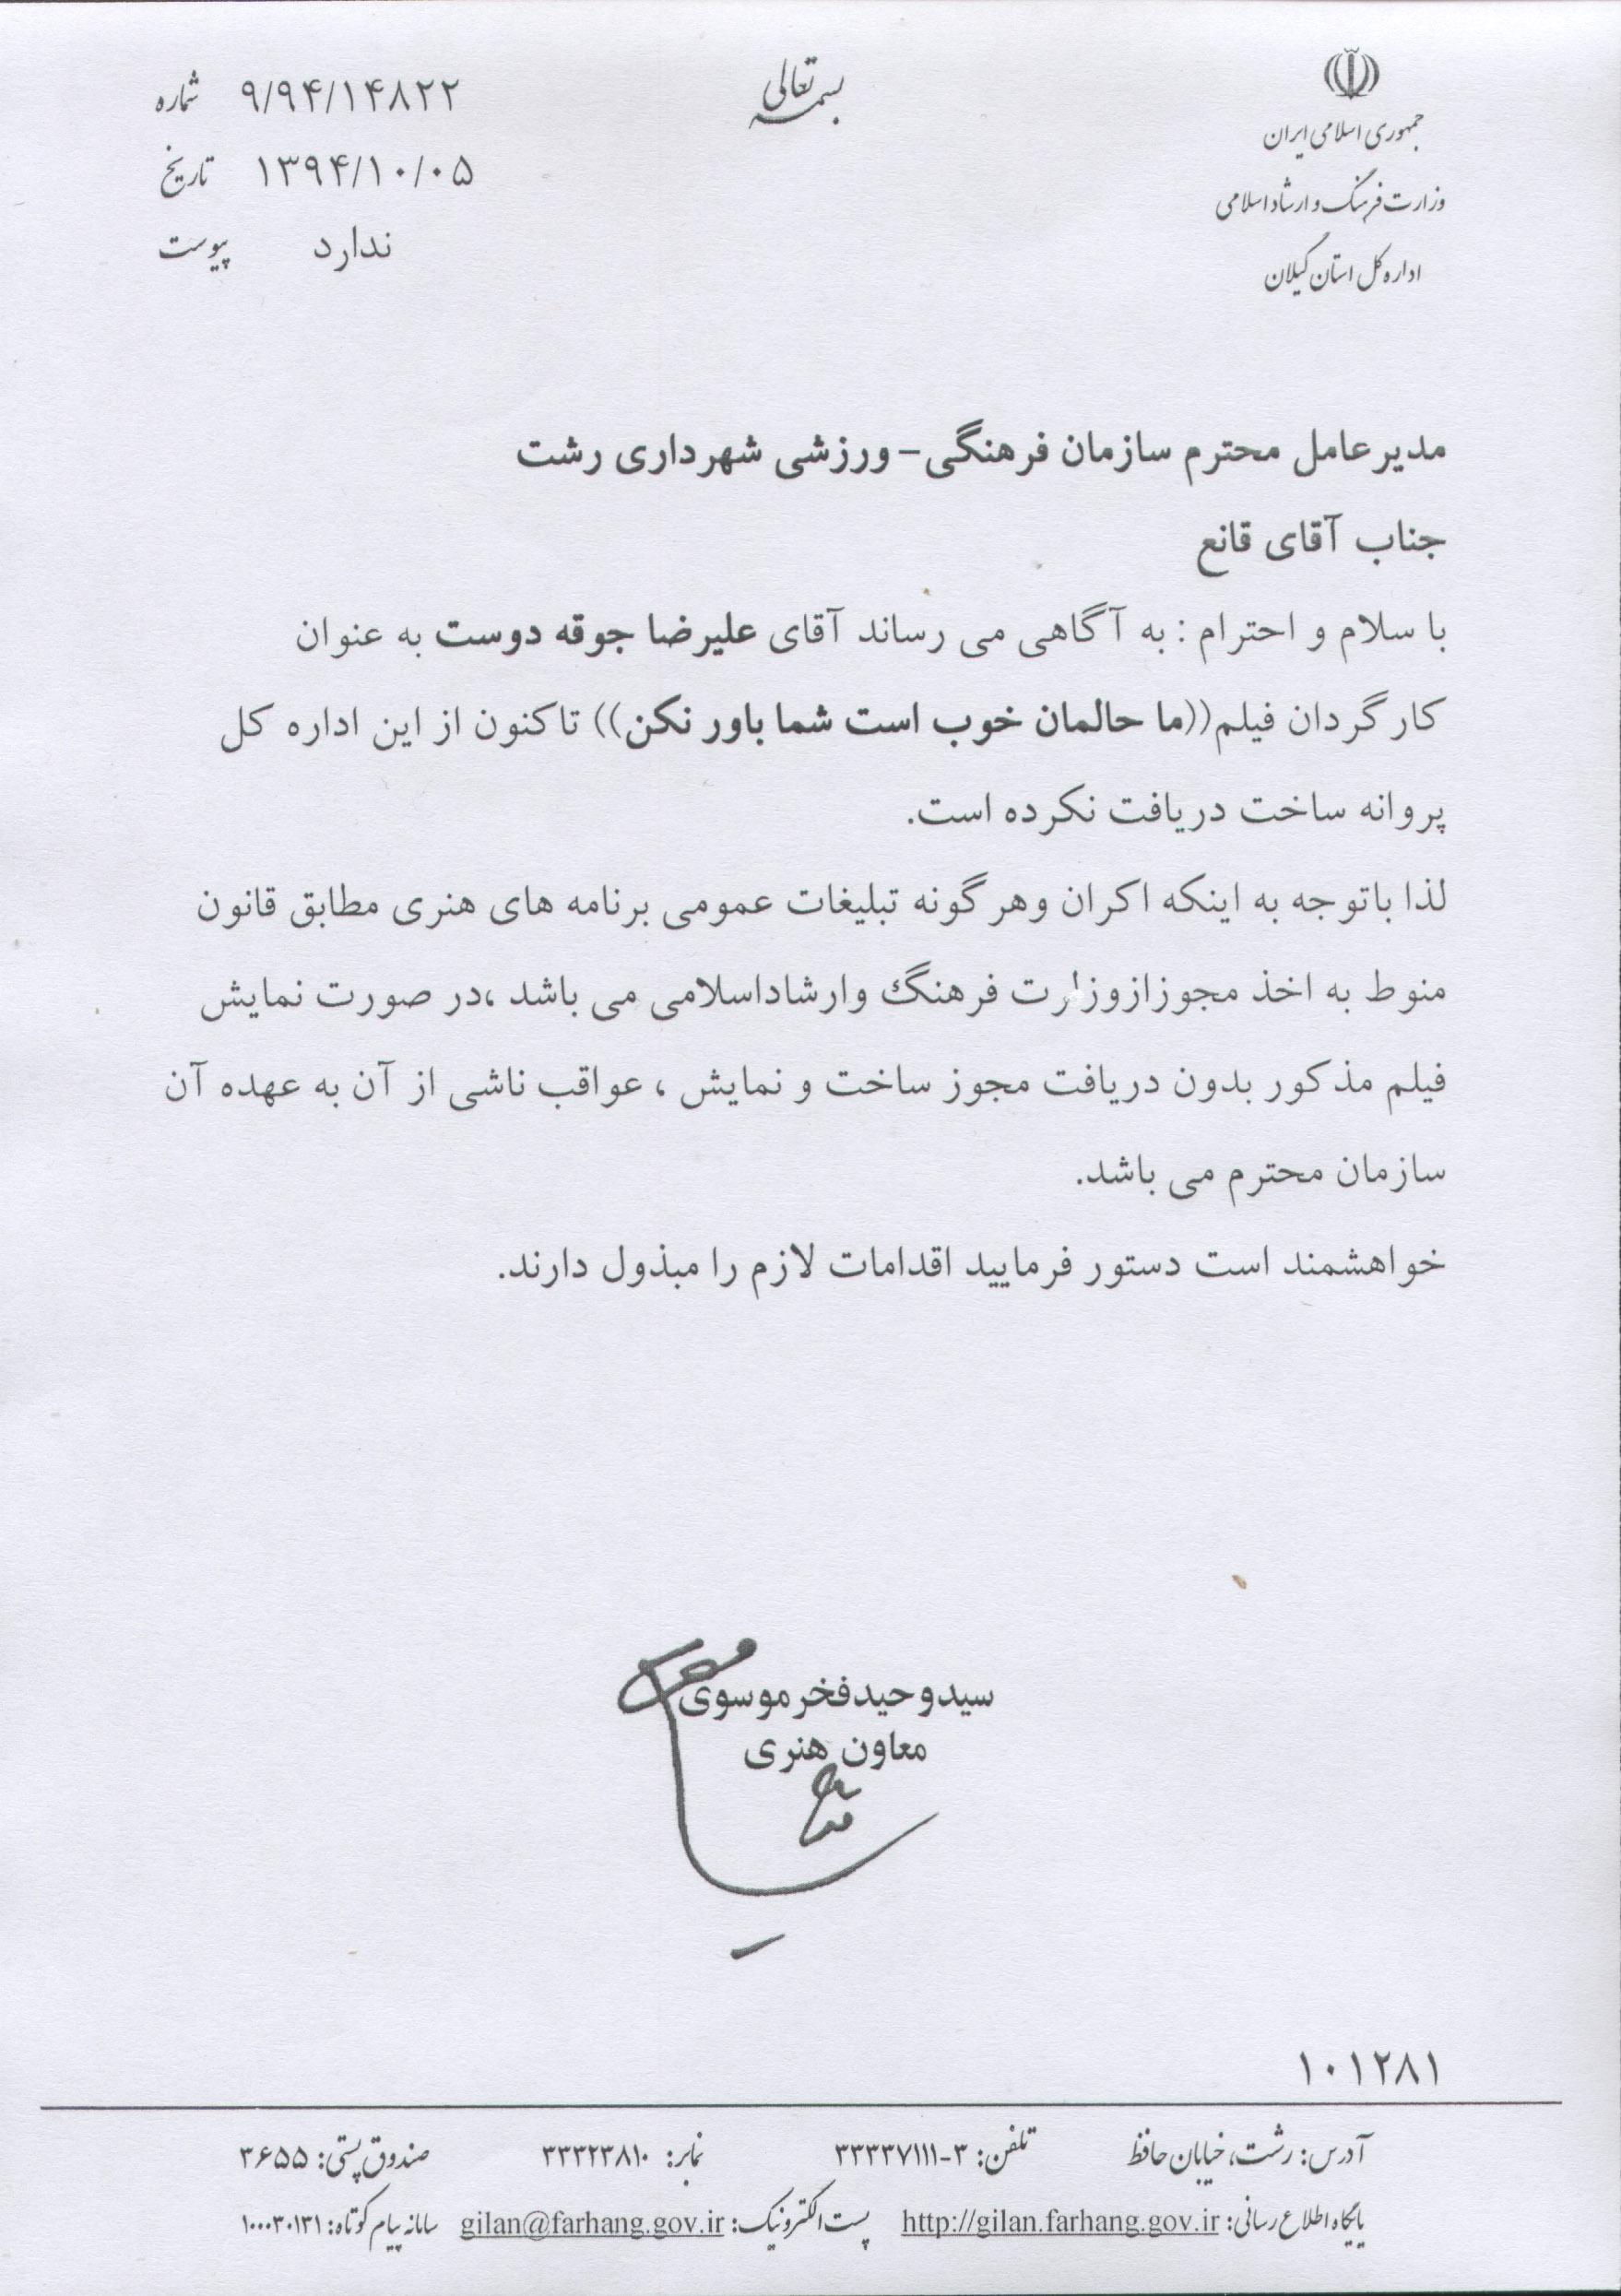 نامه معاون هنری اداره کل فرهنگ و ارشاد اسلامی به سازمان فرهنگی ورزشی